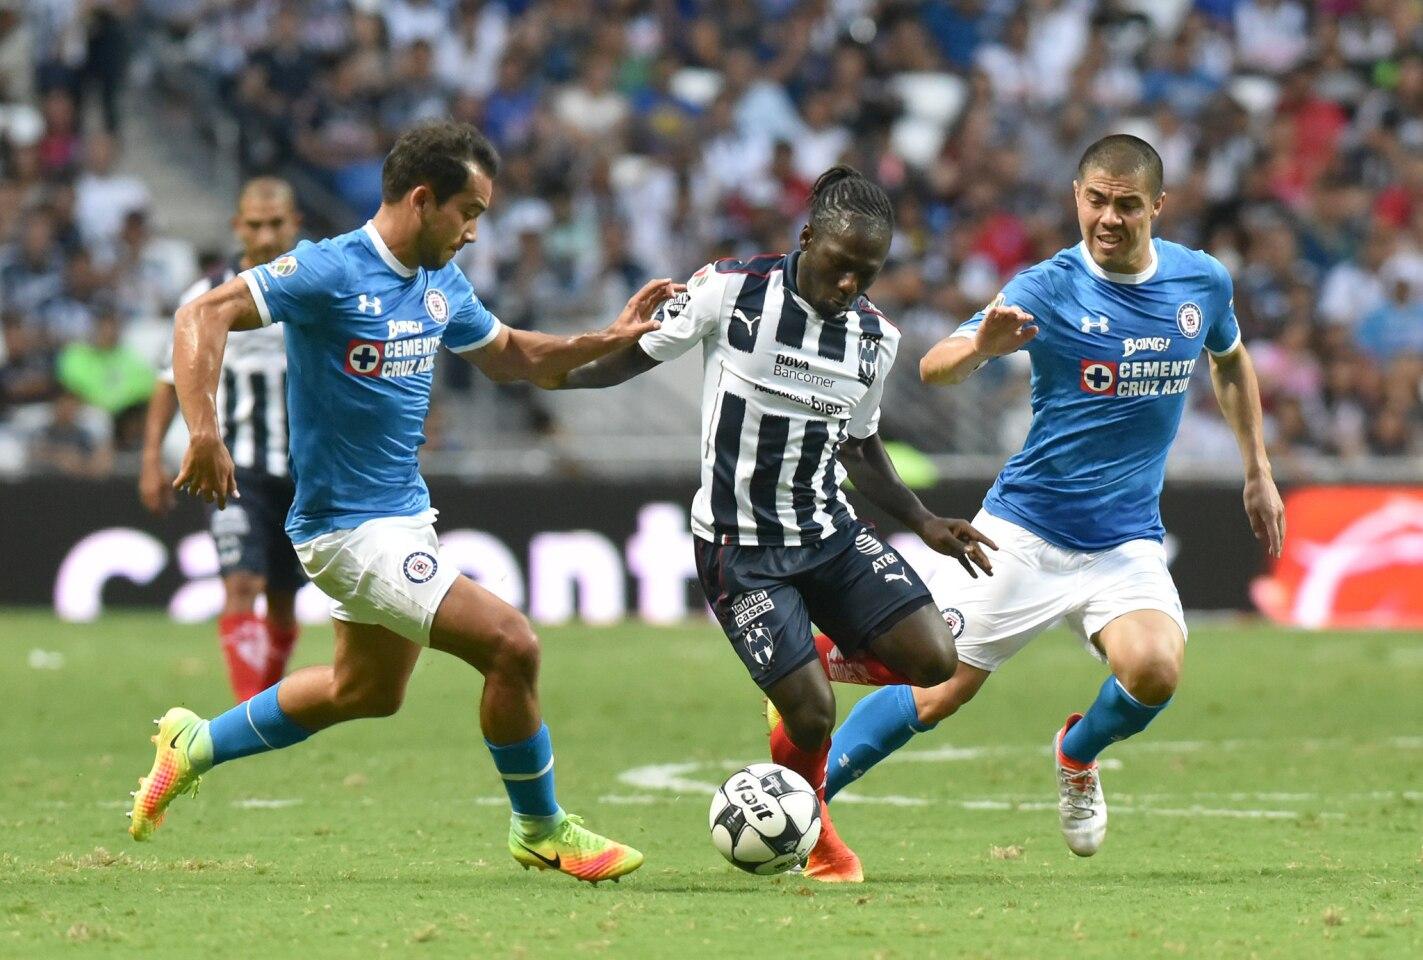 Yimmi Chará (c) de Rayados de Monterrey disputa el balón con Adrian Aldrete (i) y Franisco Silva (d) de Cruz Azul, en un partido correspondiente a la jornada 3 del Torneo Apertura 2016 en el estadio BBVA de la ciudad de Monterrey.